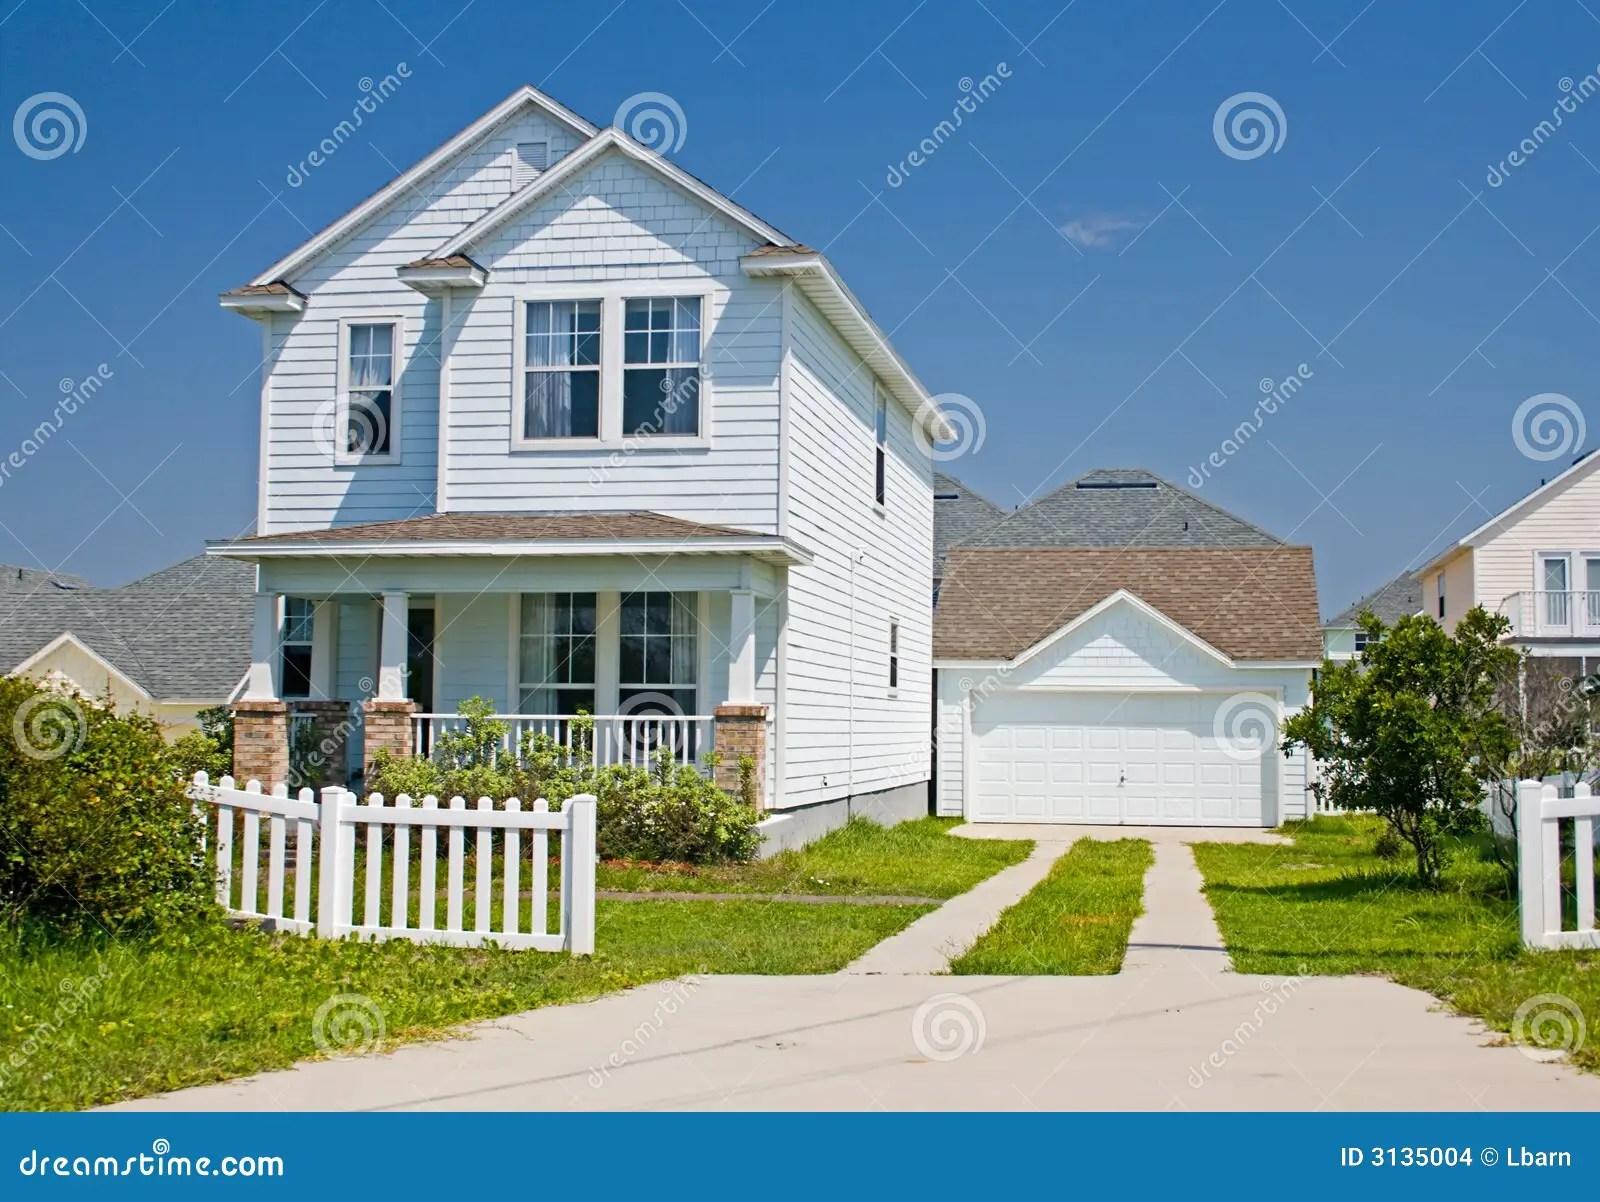 plans porches cottage style homes florida cottage designs florida cracker cottage house plans florida cottage